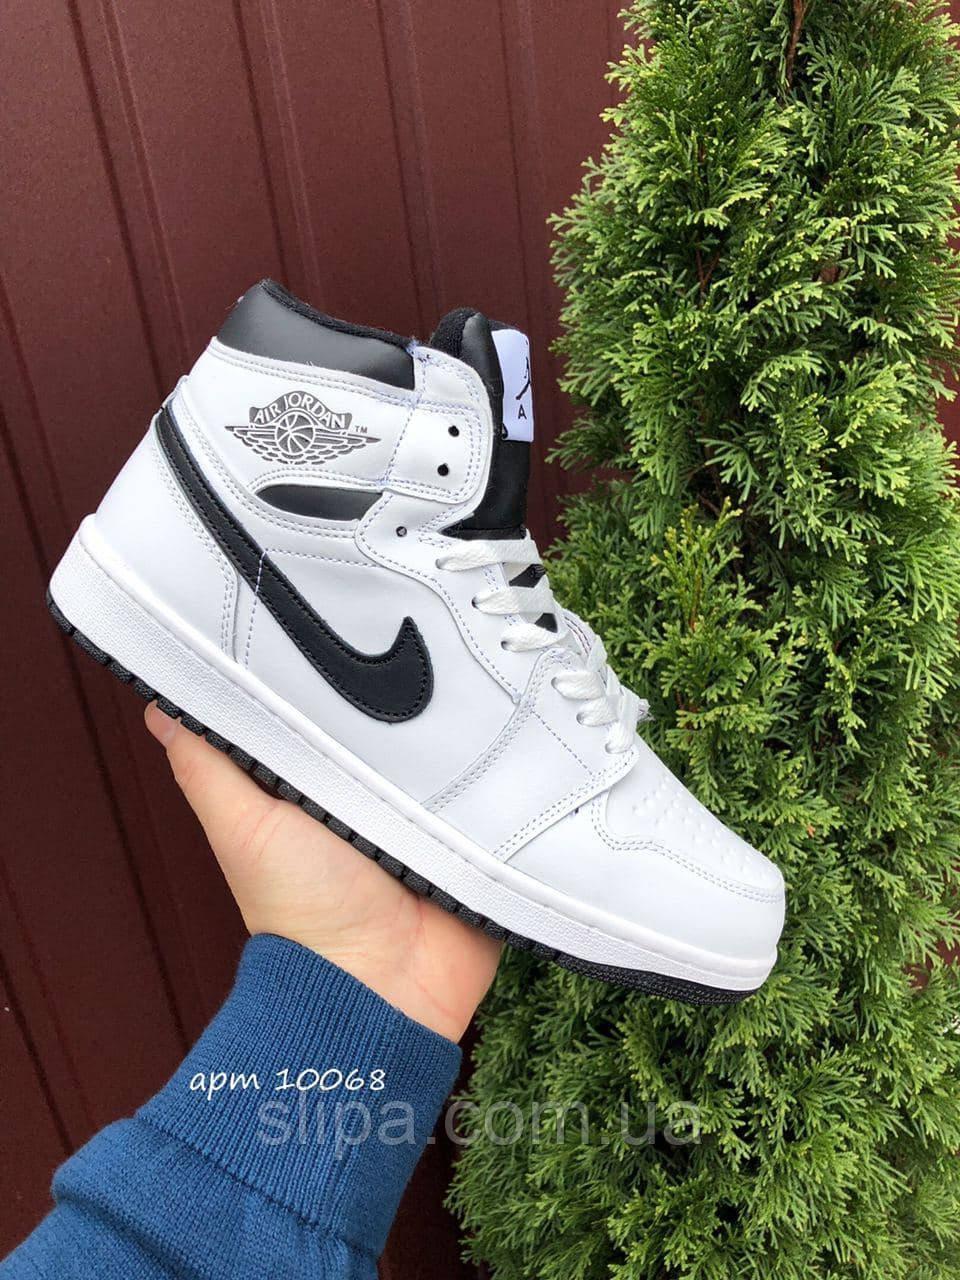 Чоловічі зимові шкіряні кросівки Nike Air Jordan 1 Retro білі з чорним лого